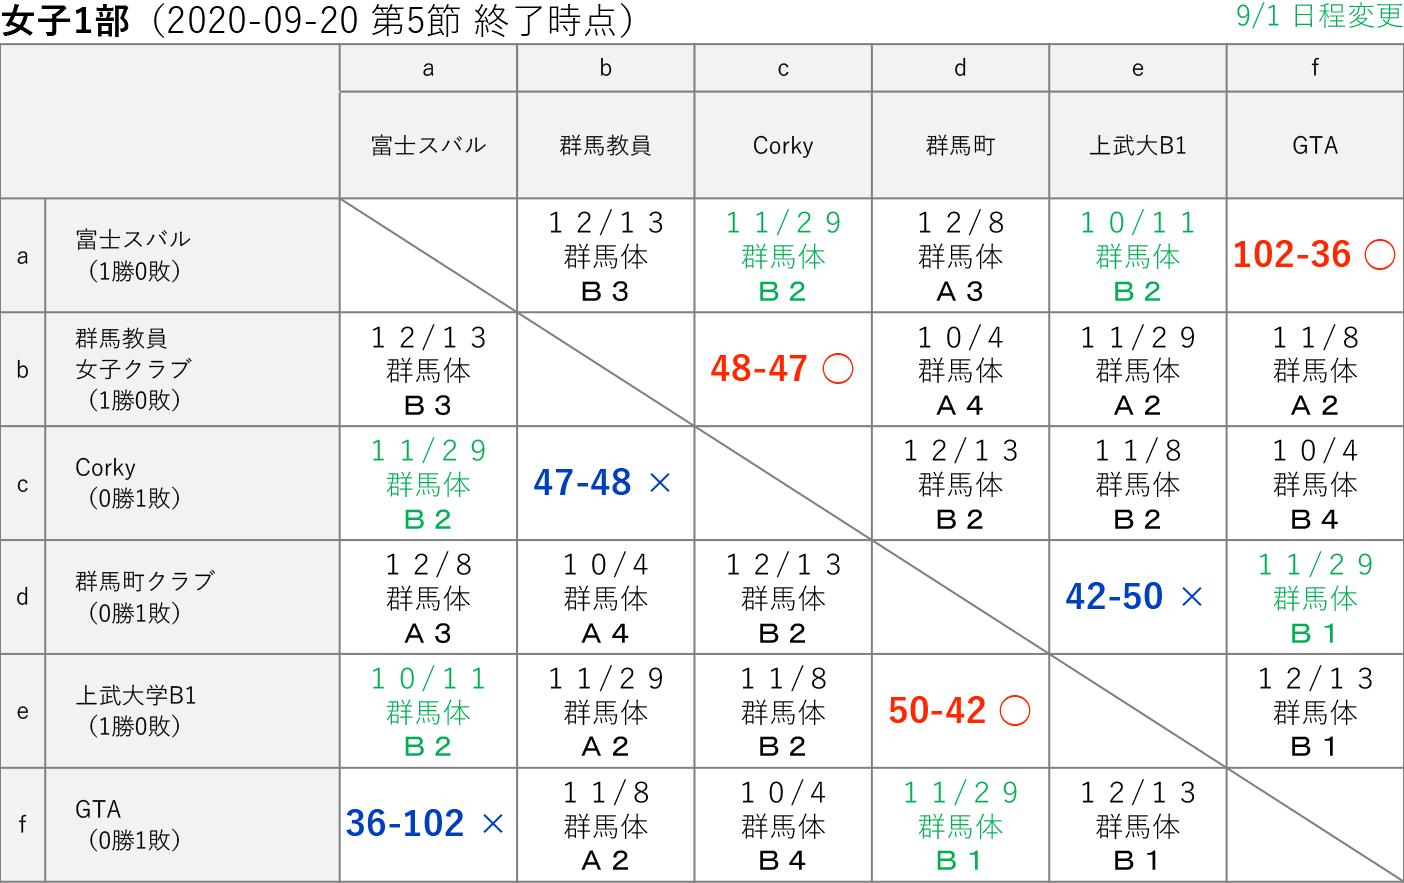 2020社会人リーグ 女子1部 星取り表 2020-09-20(第5節終了時)